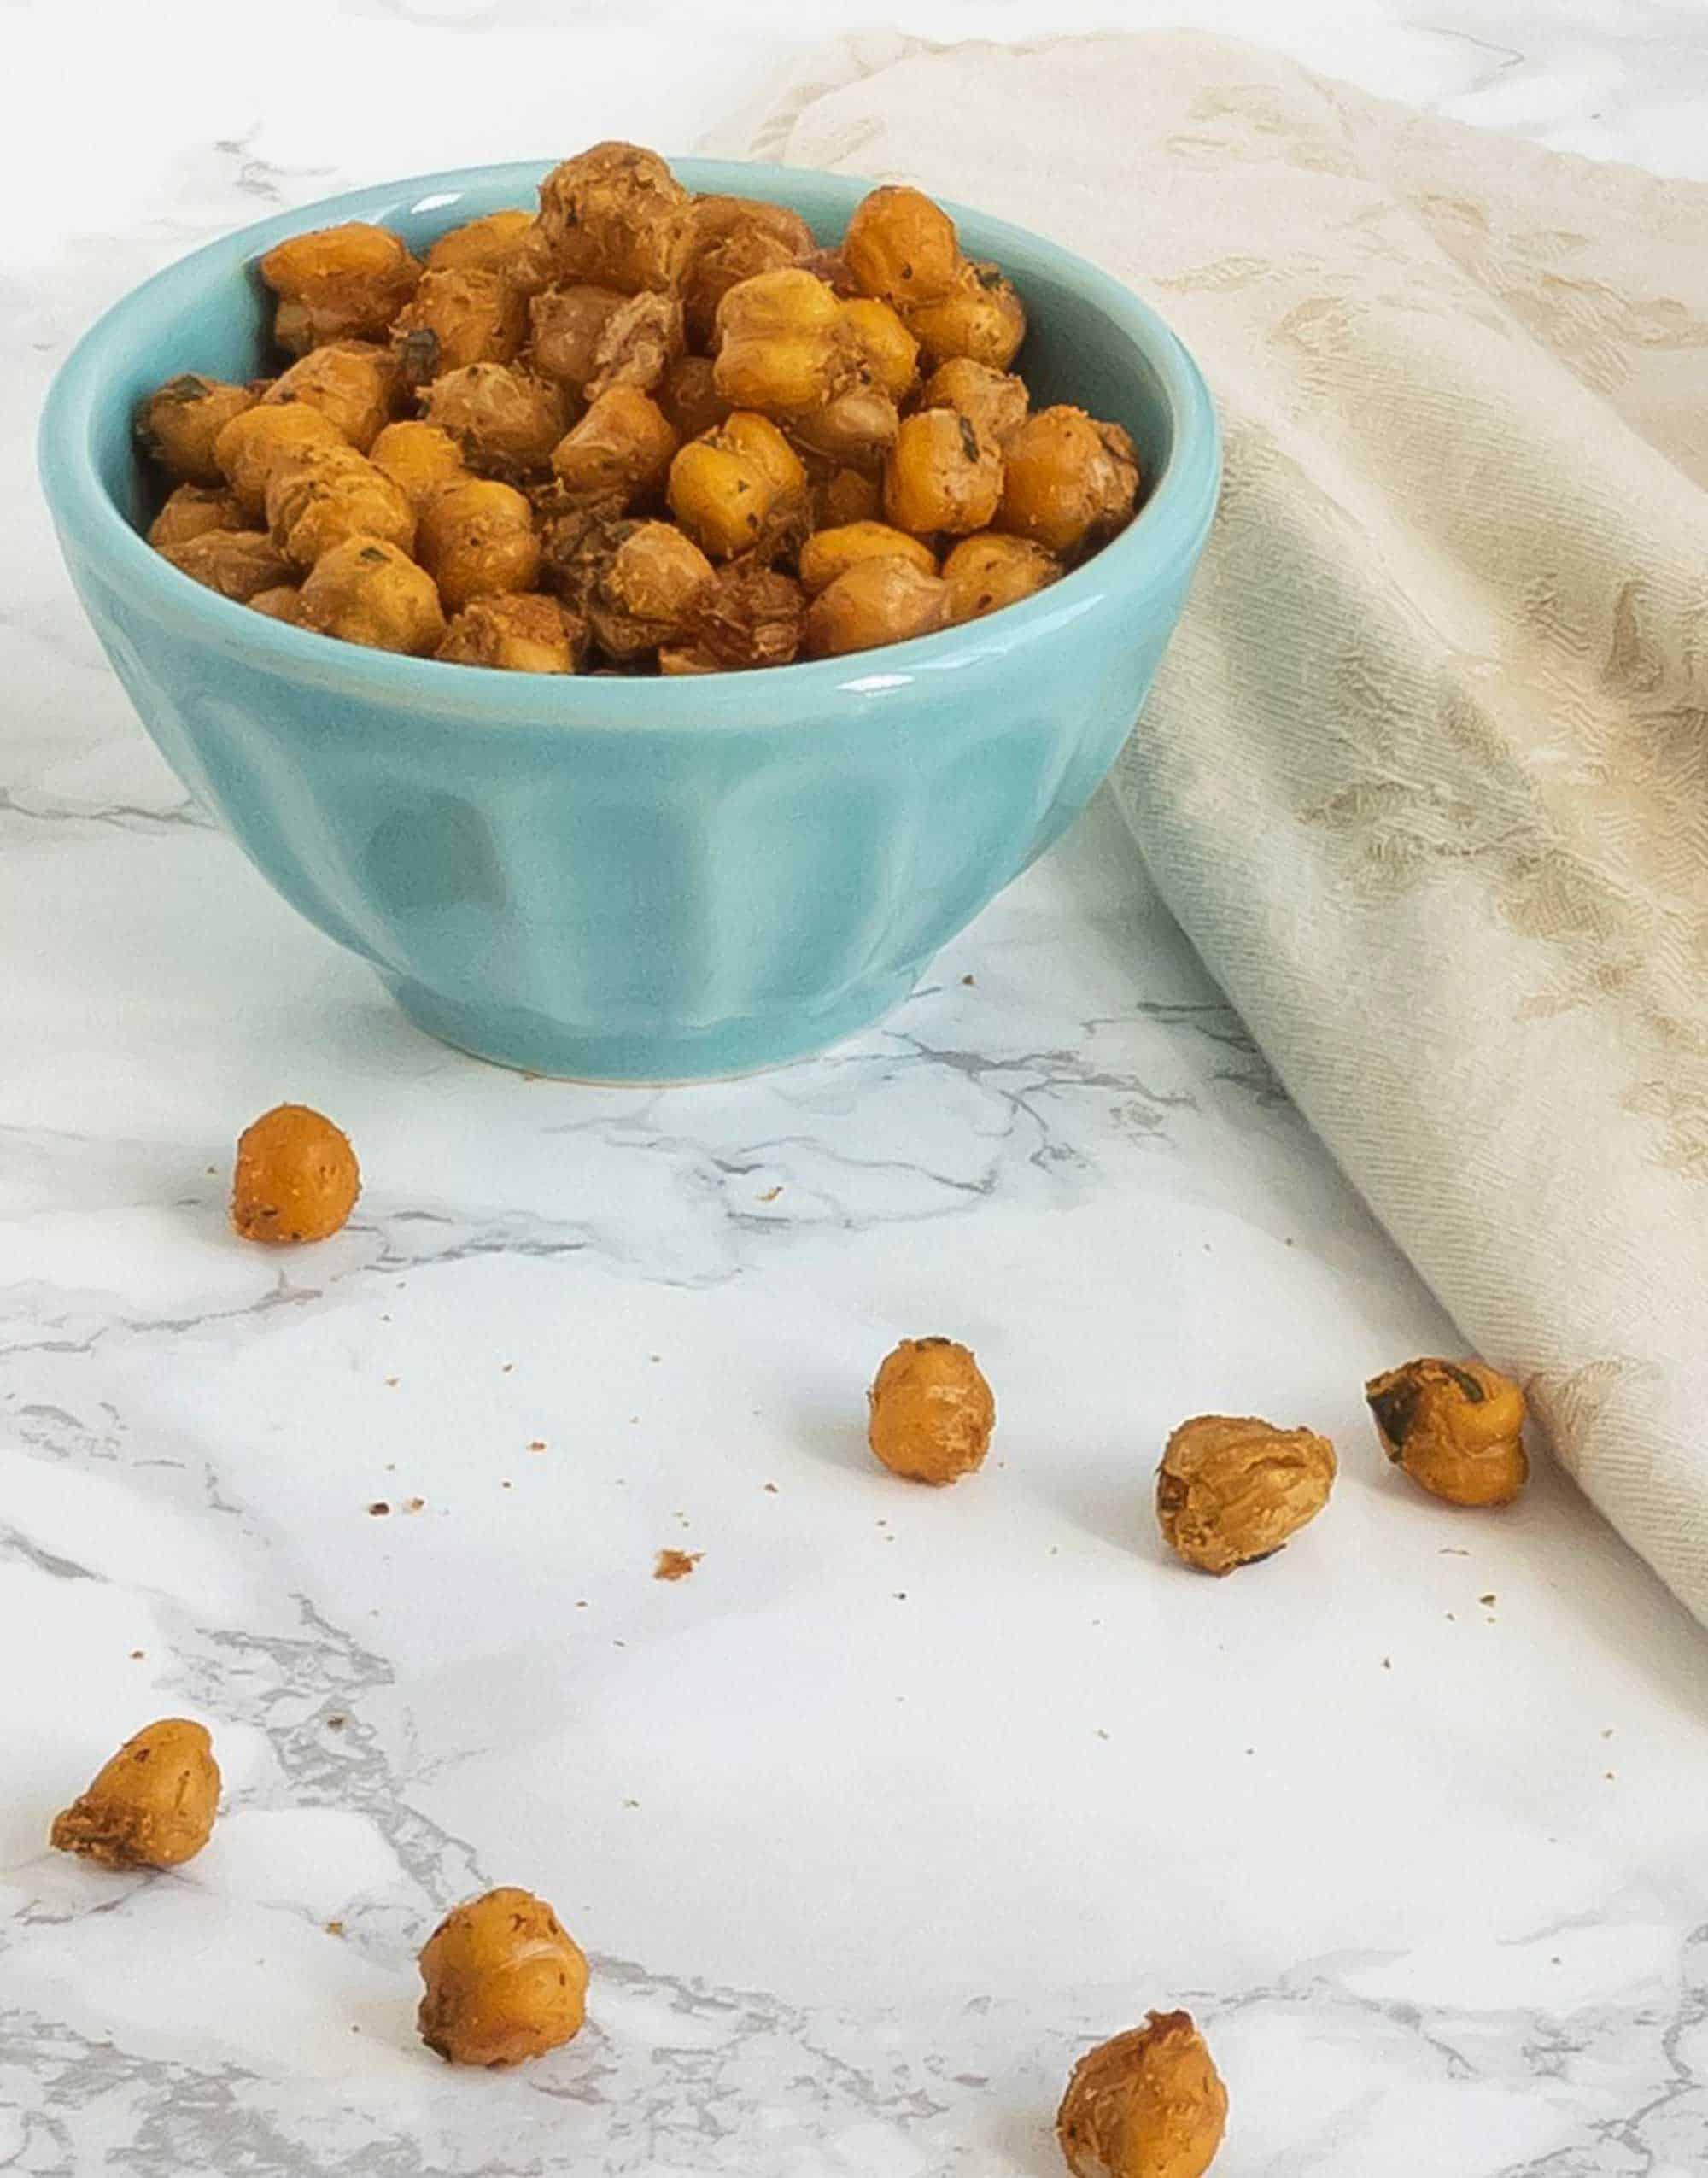 Falafel Spiced Baked Chickpeas